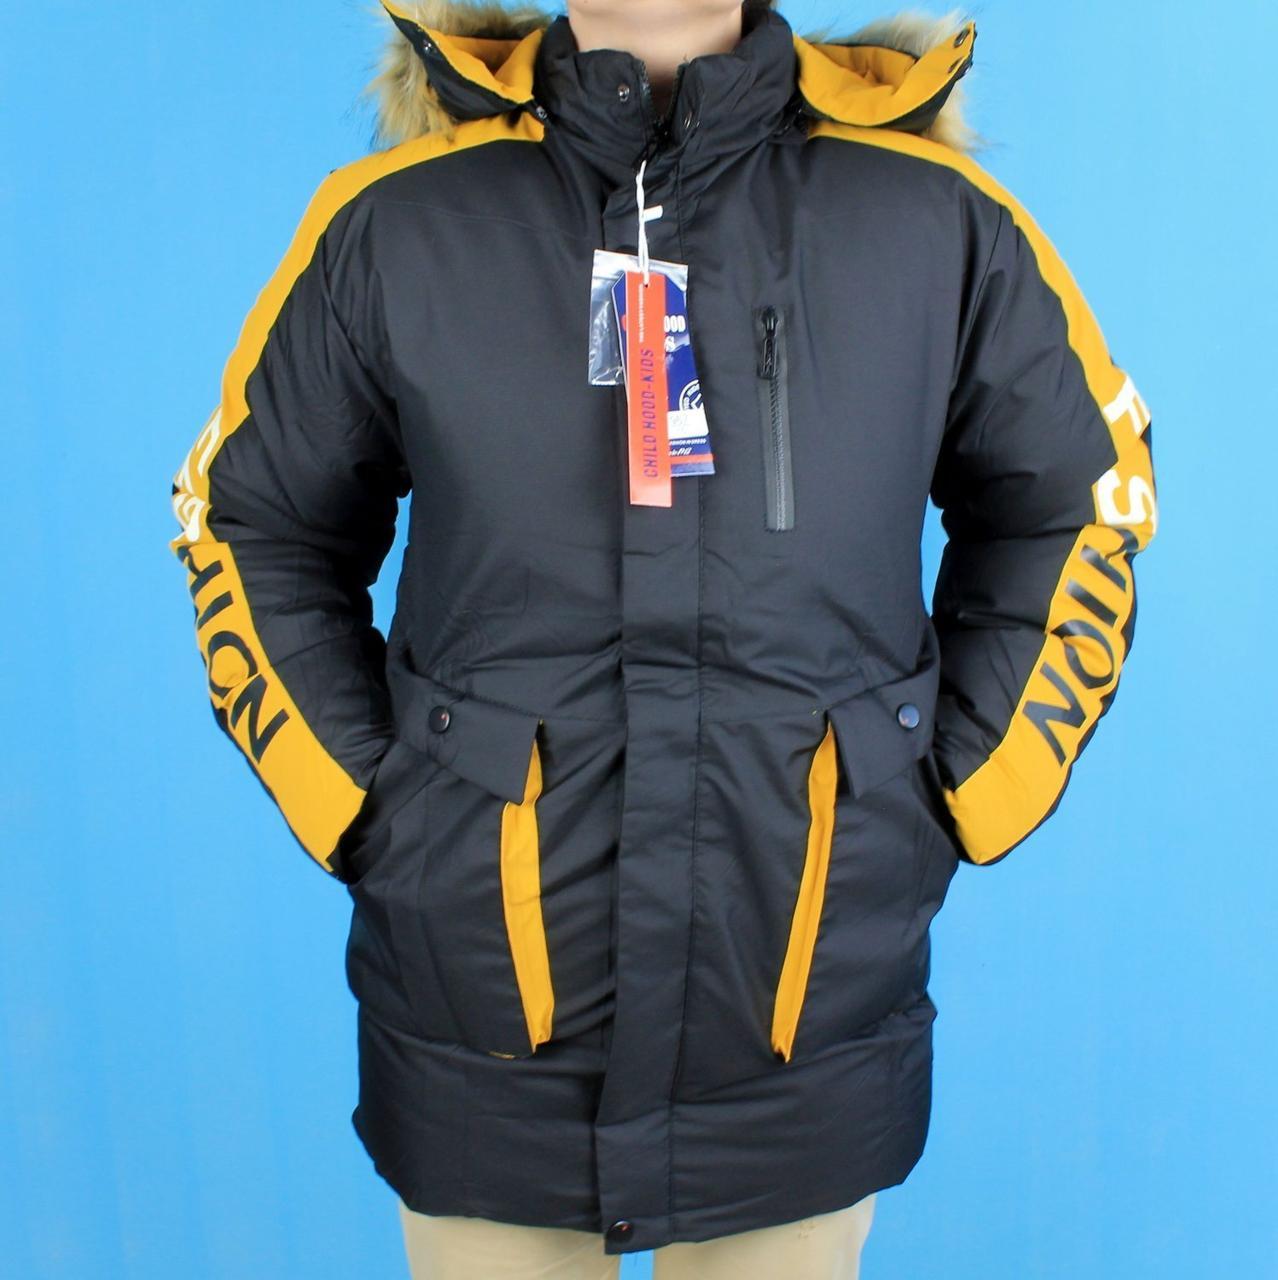 967рыж Зимняя куртка для мальчика Рыжая тм Child Hood тм размер 16 лет